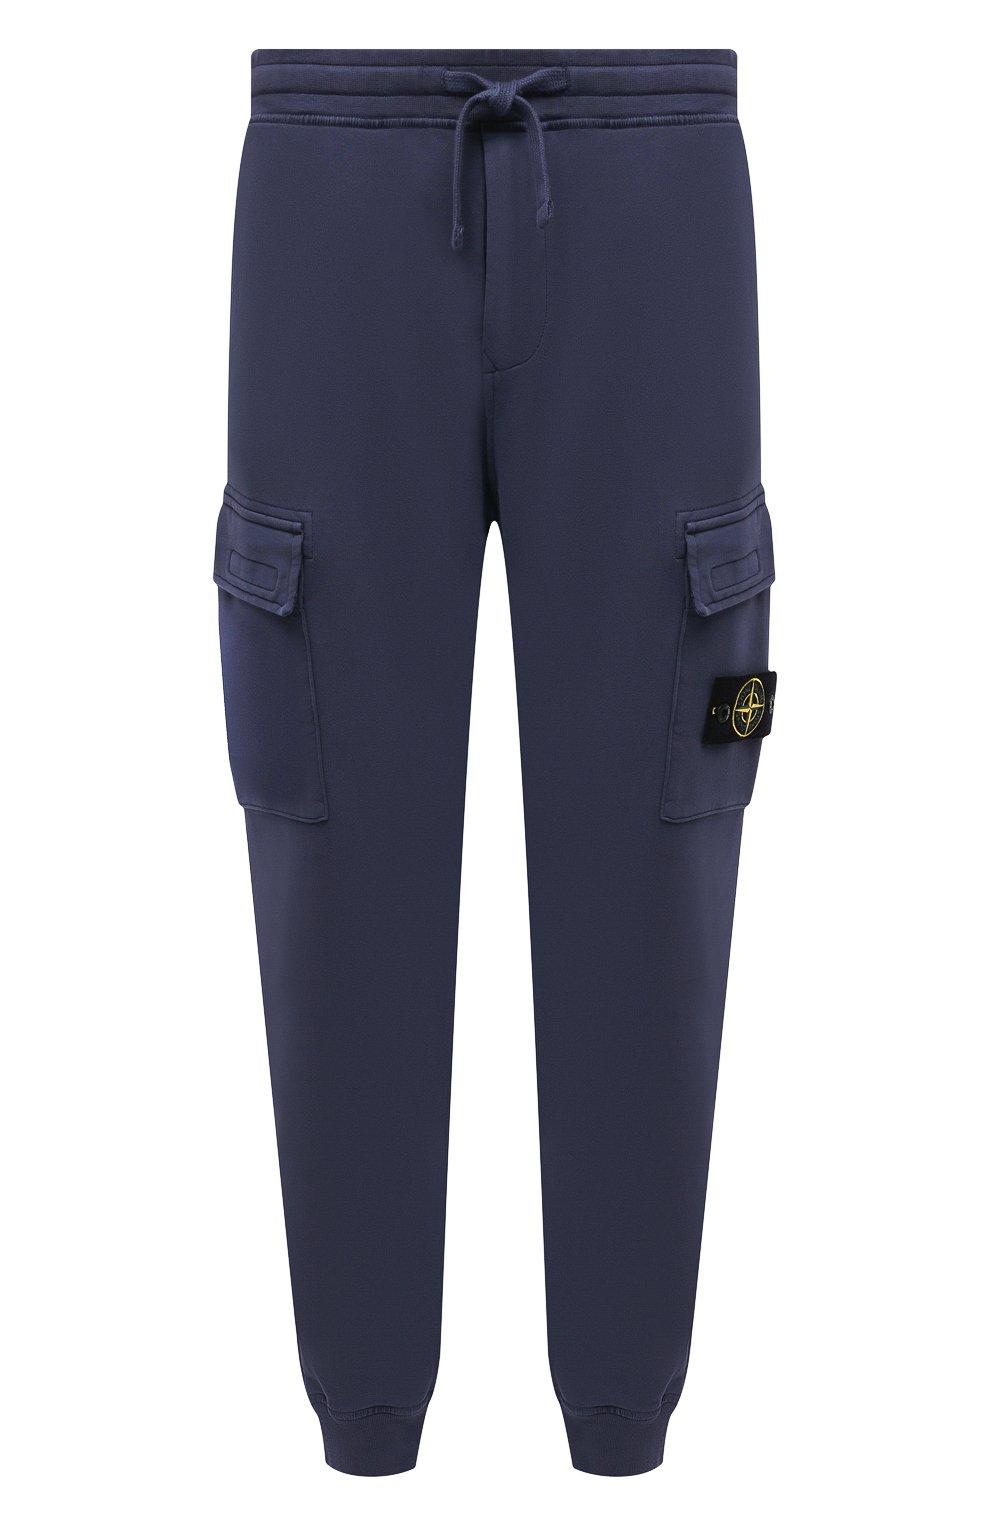 Мужские хлопковые джоггеры STONE ISLAND темно-синего цвета, арт. 741565251   Фото 1 (Силуэт М (брюки): Карго, Джоггеры; Мужское Кросс-КТ: Брюки-трикотаж; Длина (брюки, джинсы): Стандартные; Материал внешний: Хлопок; Стили: Спорт-шик)